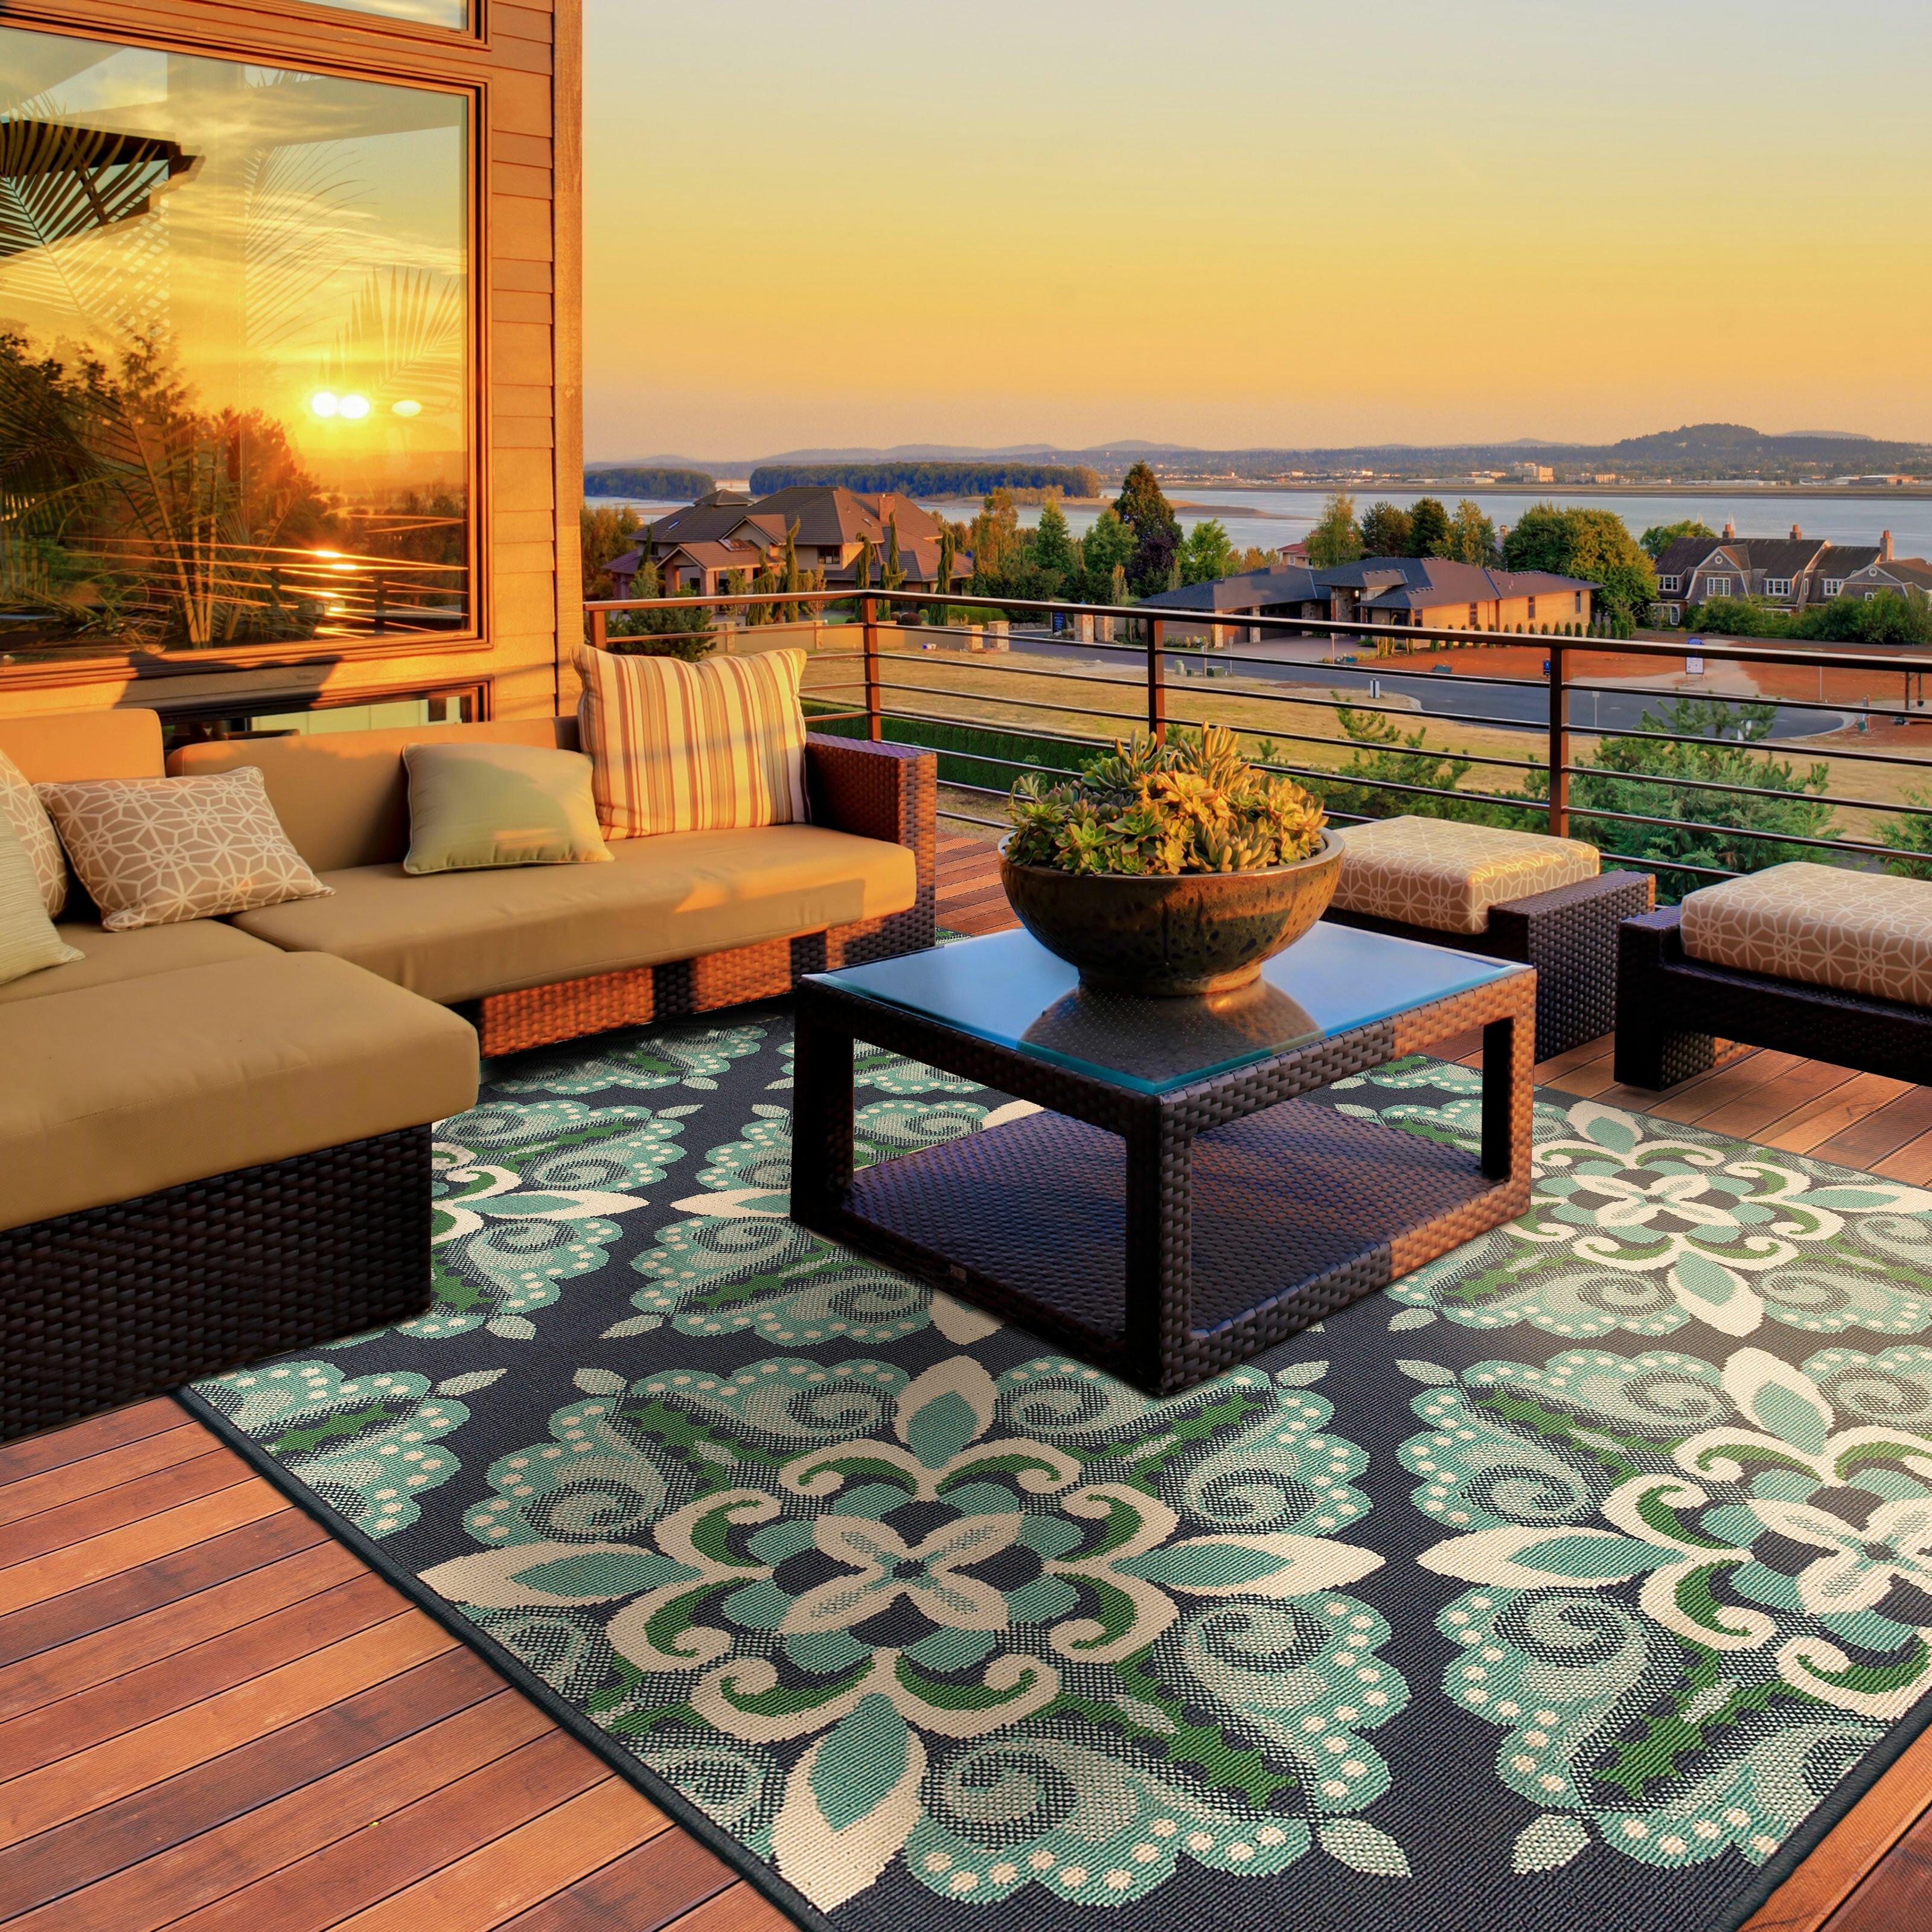 Green Patio Rug 5x7: Threadbind Cortlandt Blue/Green Indoor/Outdoor Area Rug